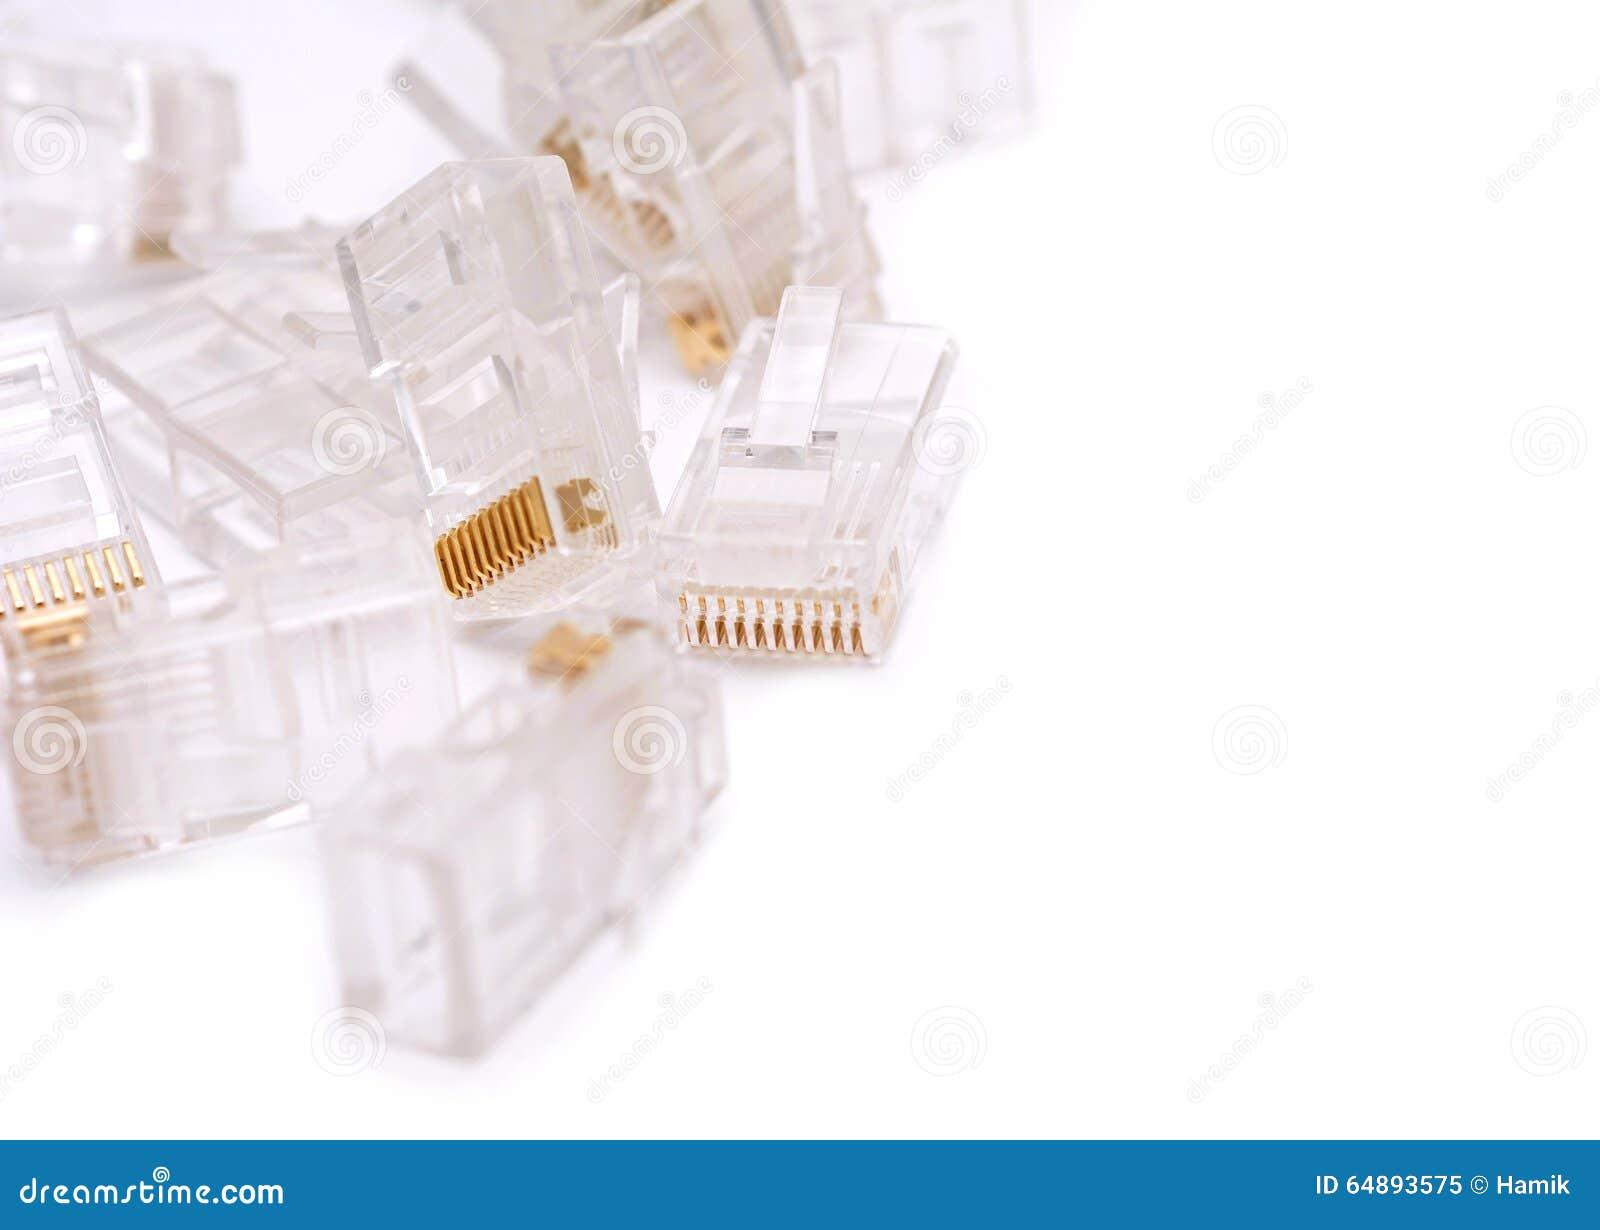 安装连接器的RJ45